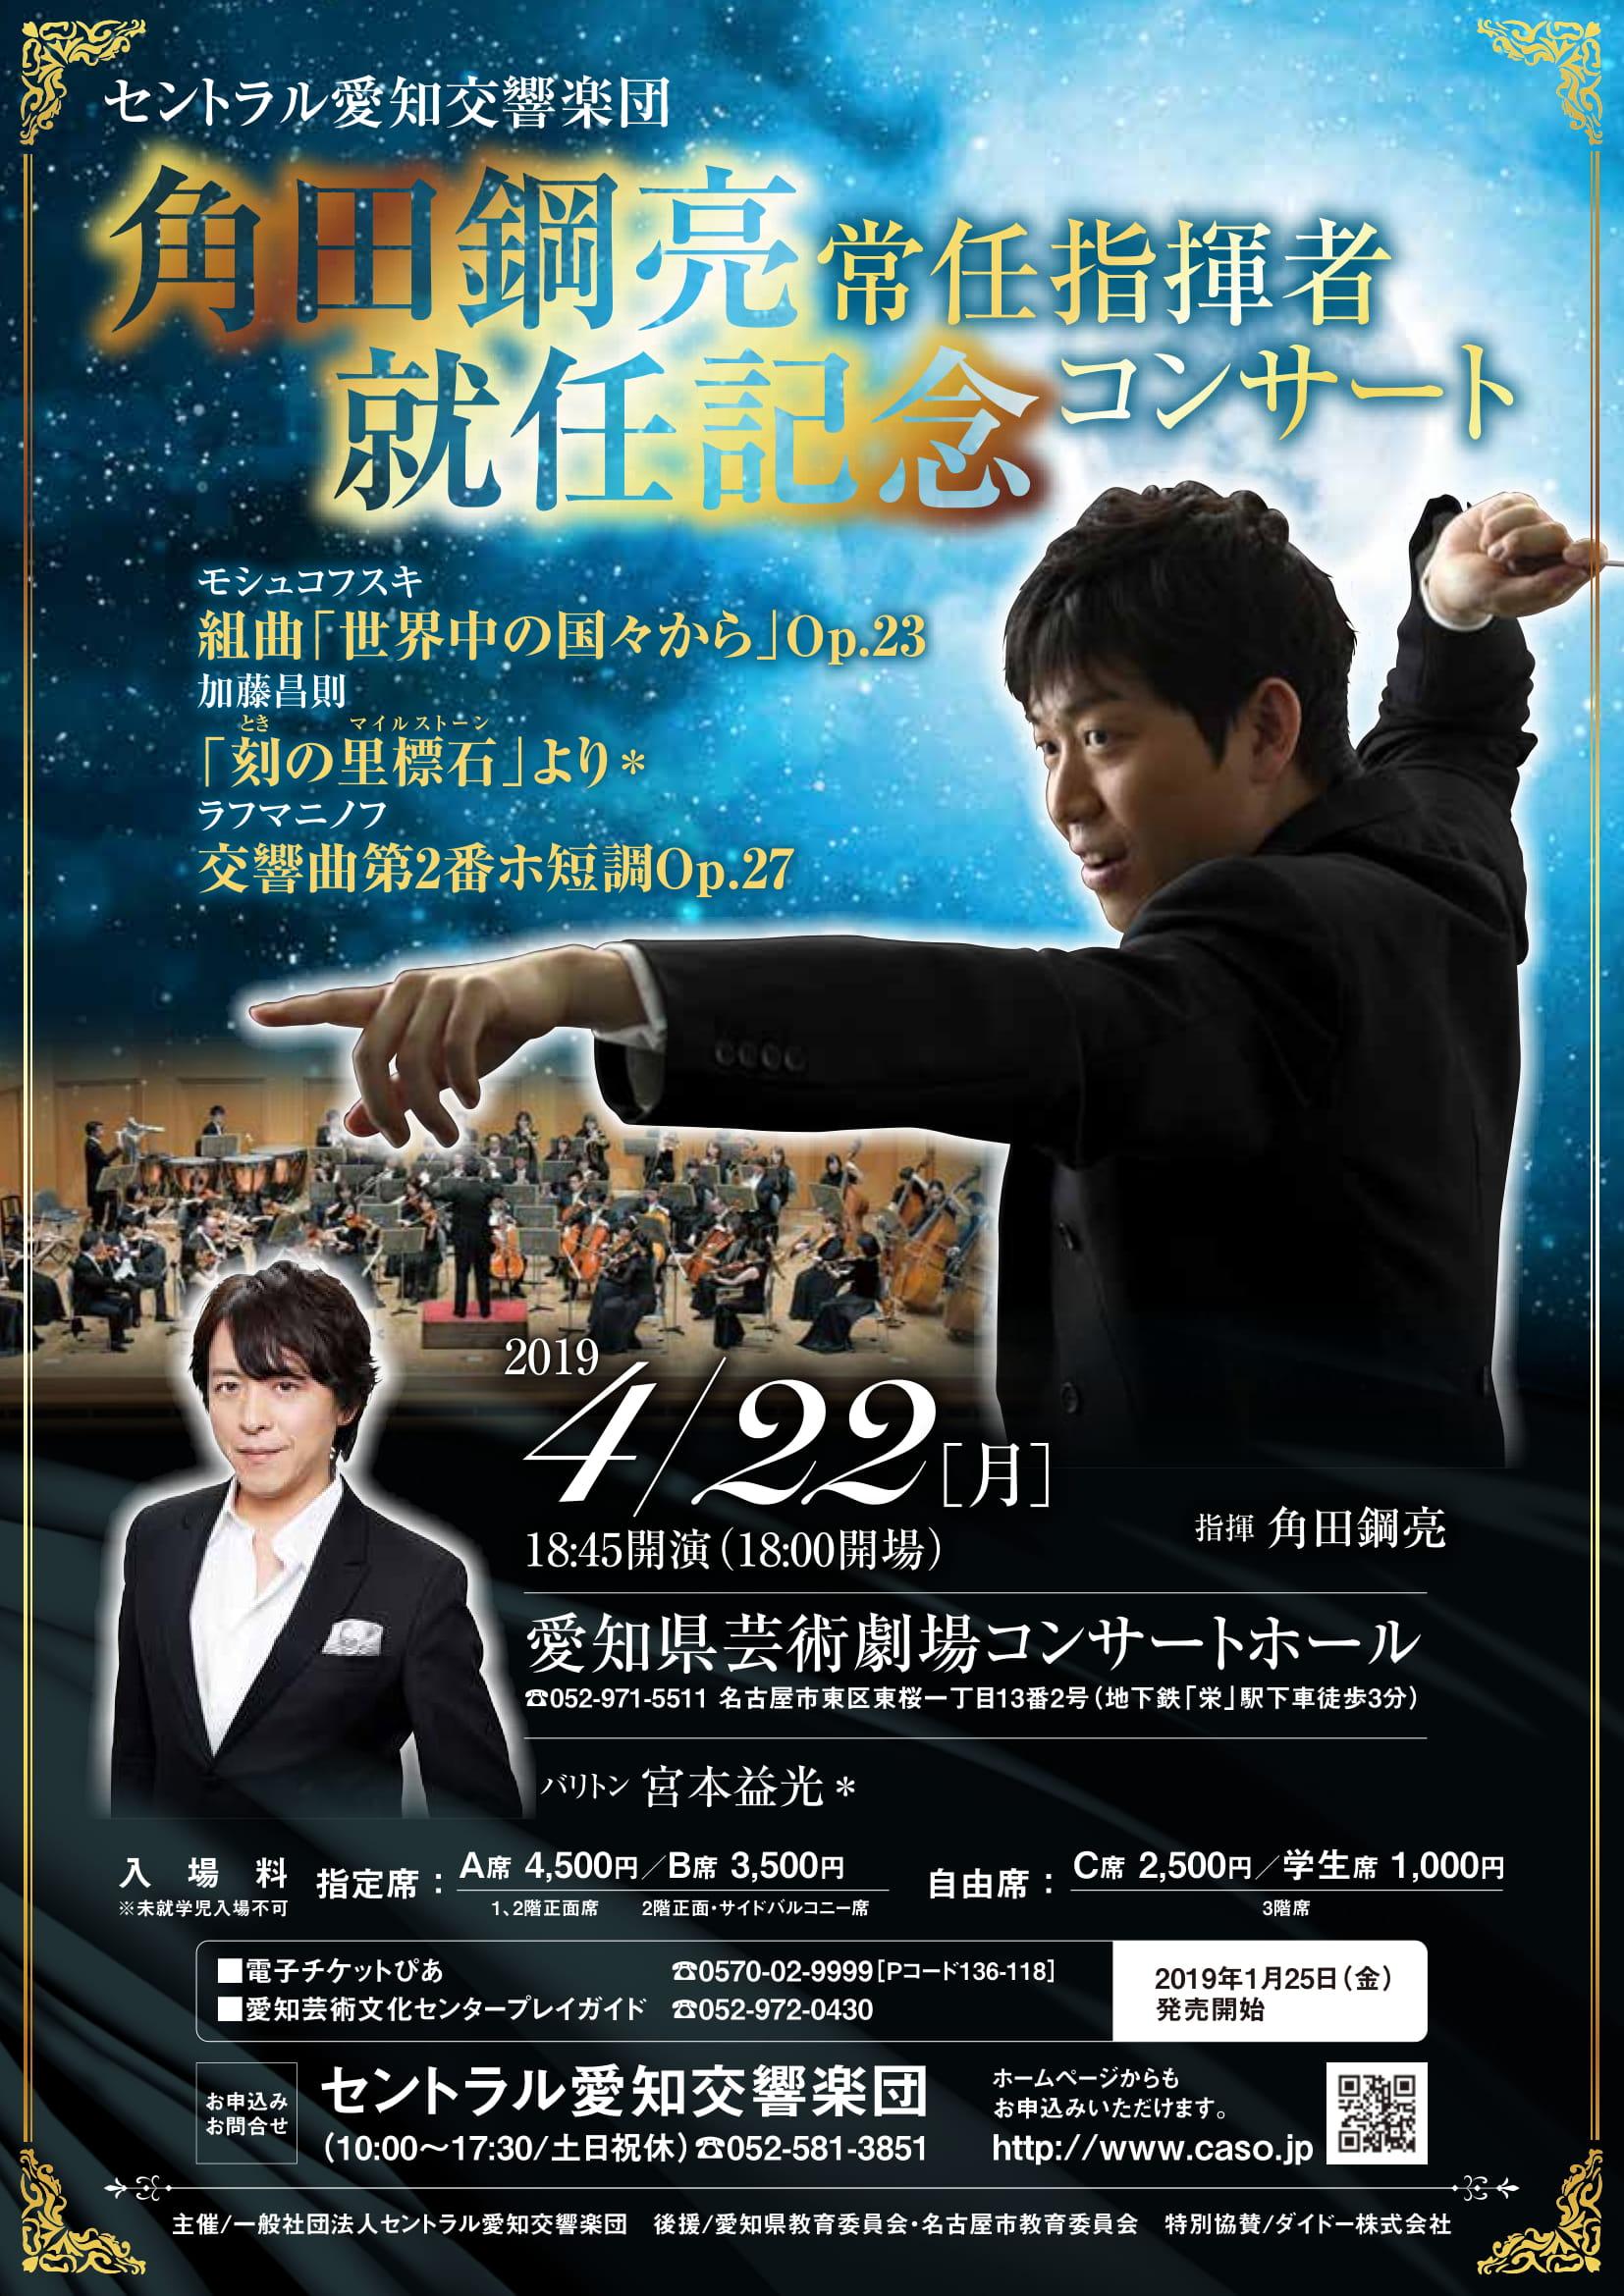 角田鋼亮 常任指揮者就任記念コンサート